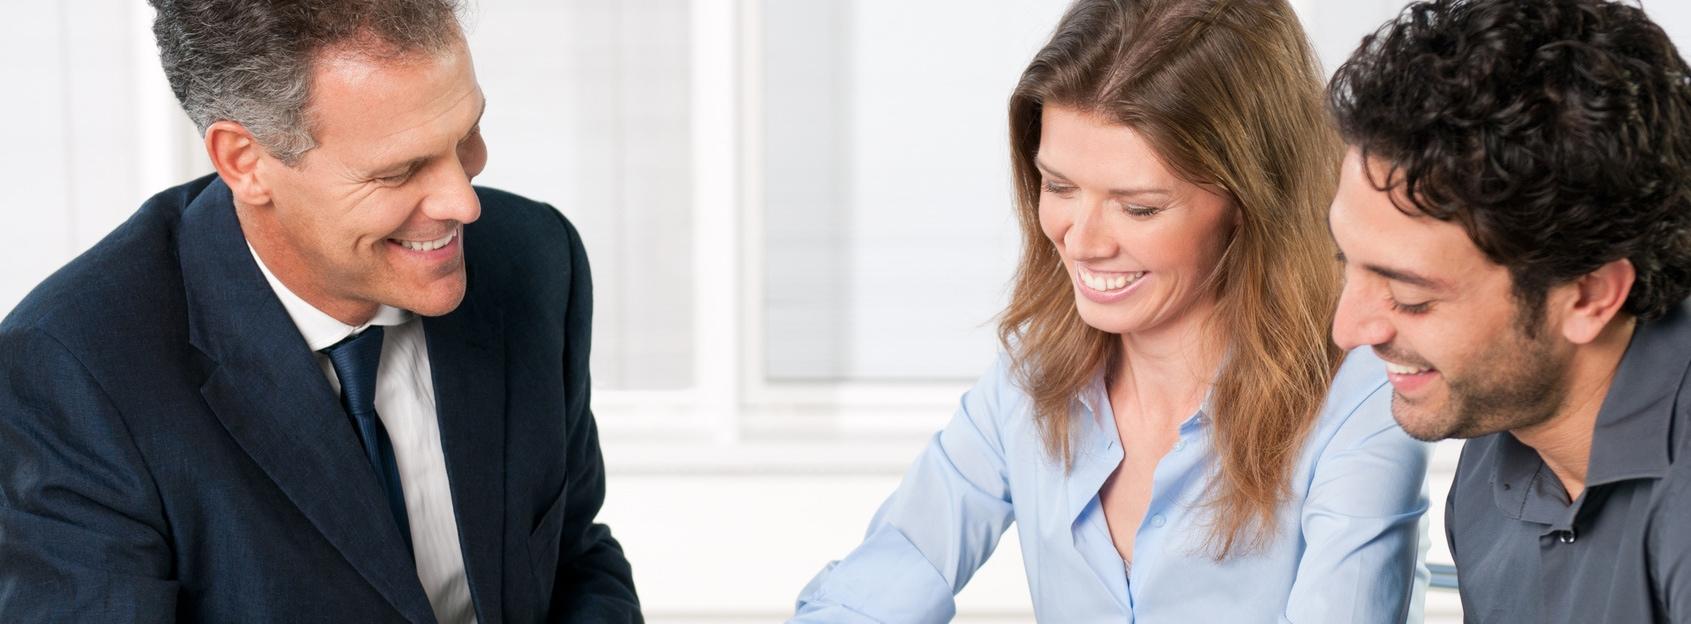 BPM Banken - Bankberater mit Kunden